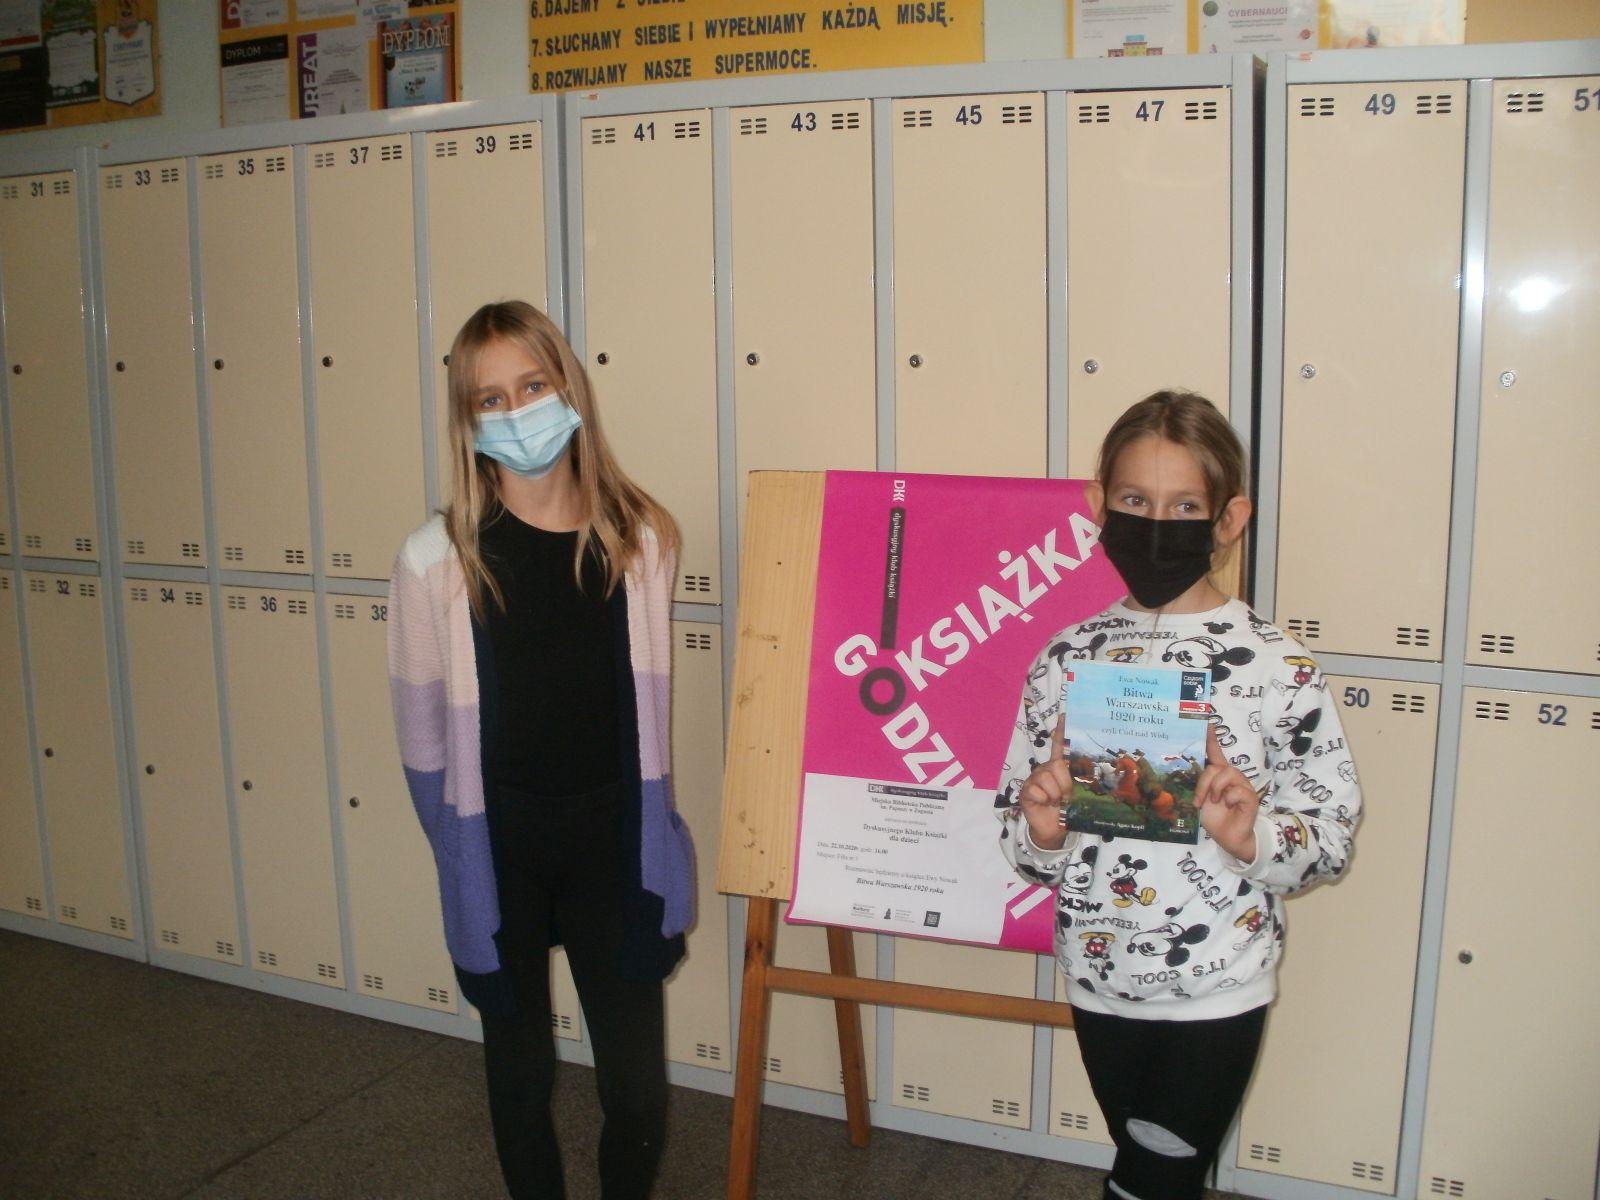 W korytarzu szkolnym, na tle szafek z szatni i wiszącymi nad nimi gazetek szkolnych pozują dwie dziewczynki z przeczytaną książką i w maseczkach na nosie i ustach. Pomiędzy nimi, na pierwszym planie sztaluga z tablicą i umieszczonym na niej różowym plakacie Godzinami o Książkach.